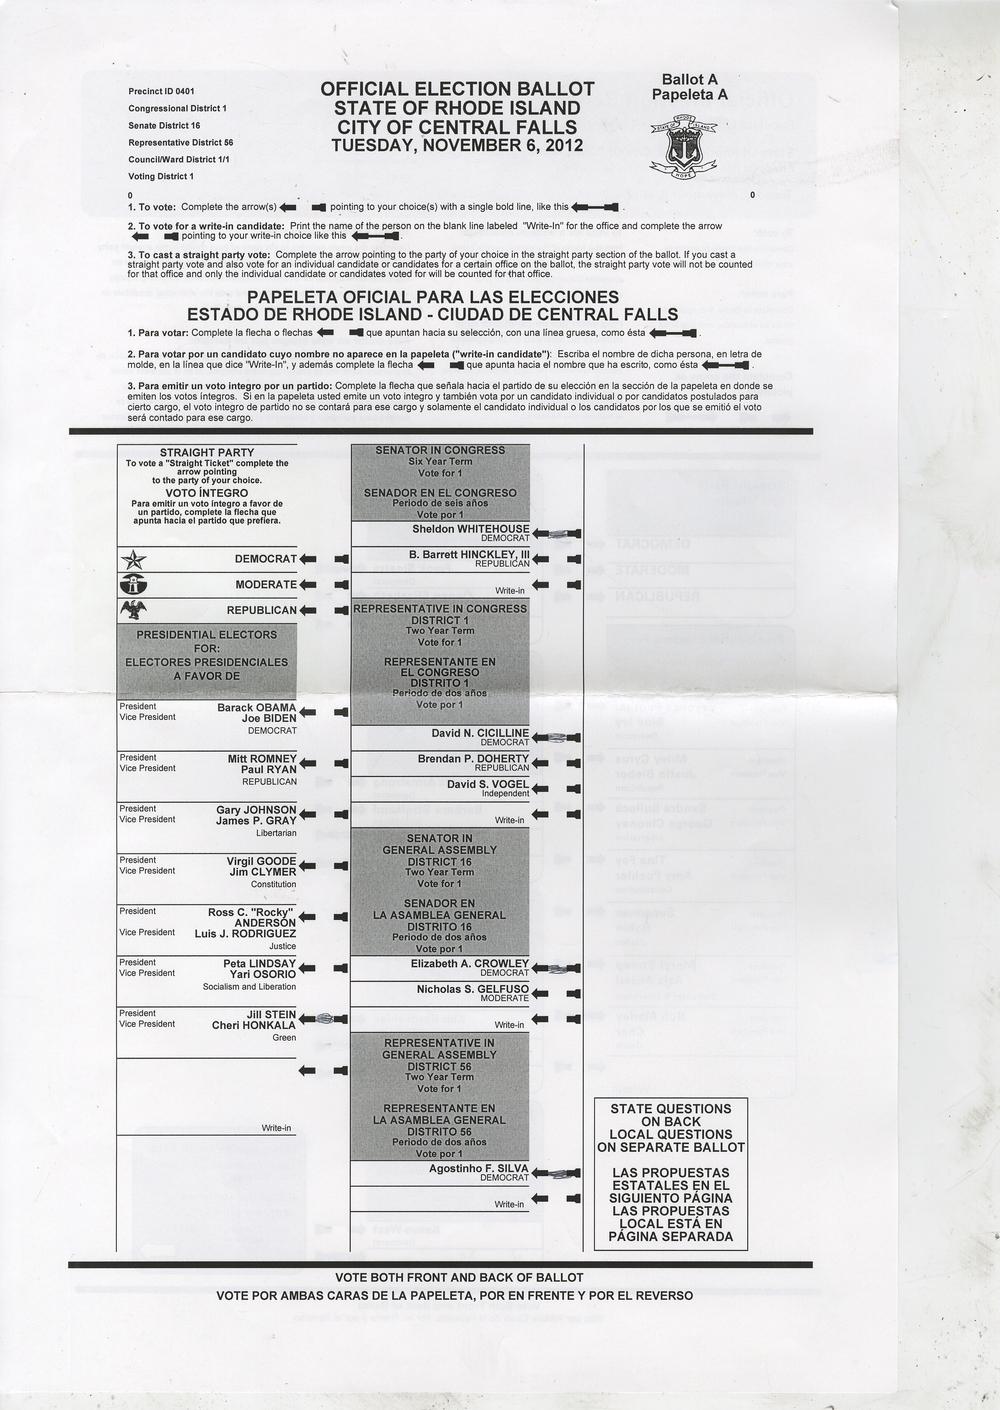 ballot4.jpg